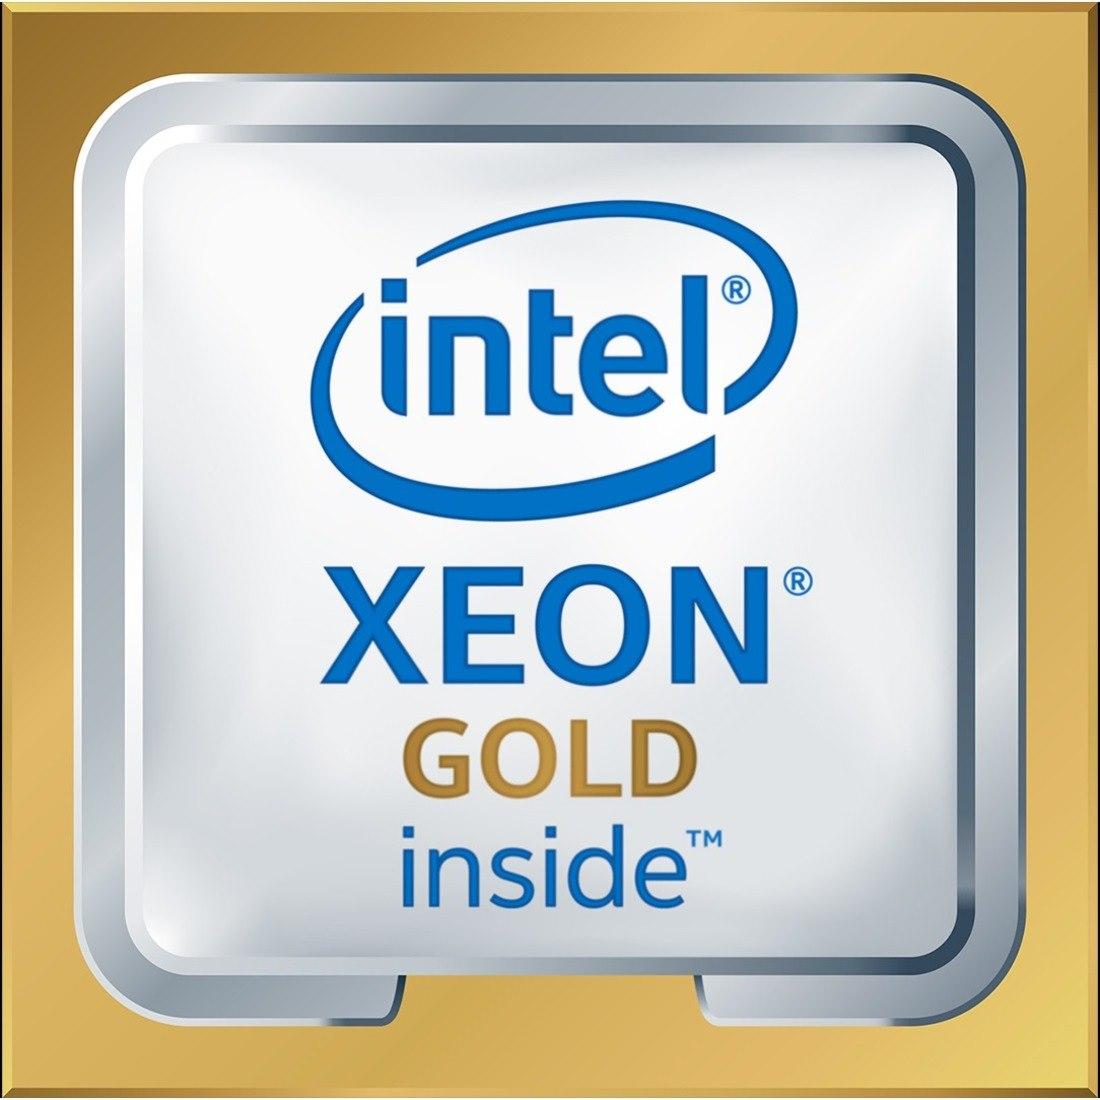 Cisco Intel Xeon 6126 Dodeca-core (12 Core) 2.60 GHz Processor Upgrade